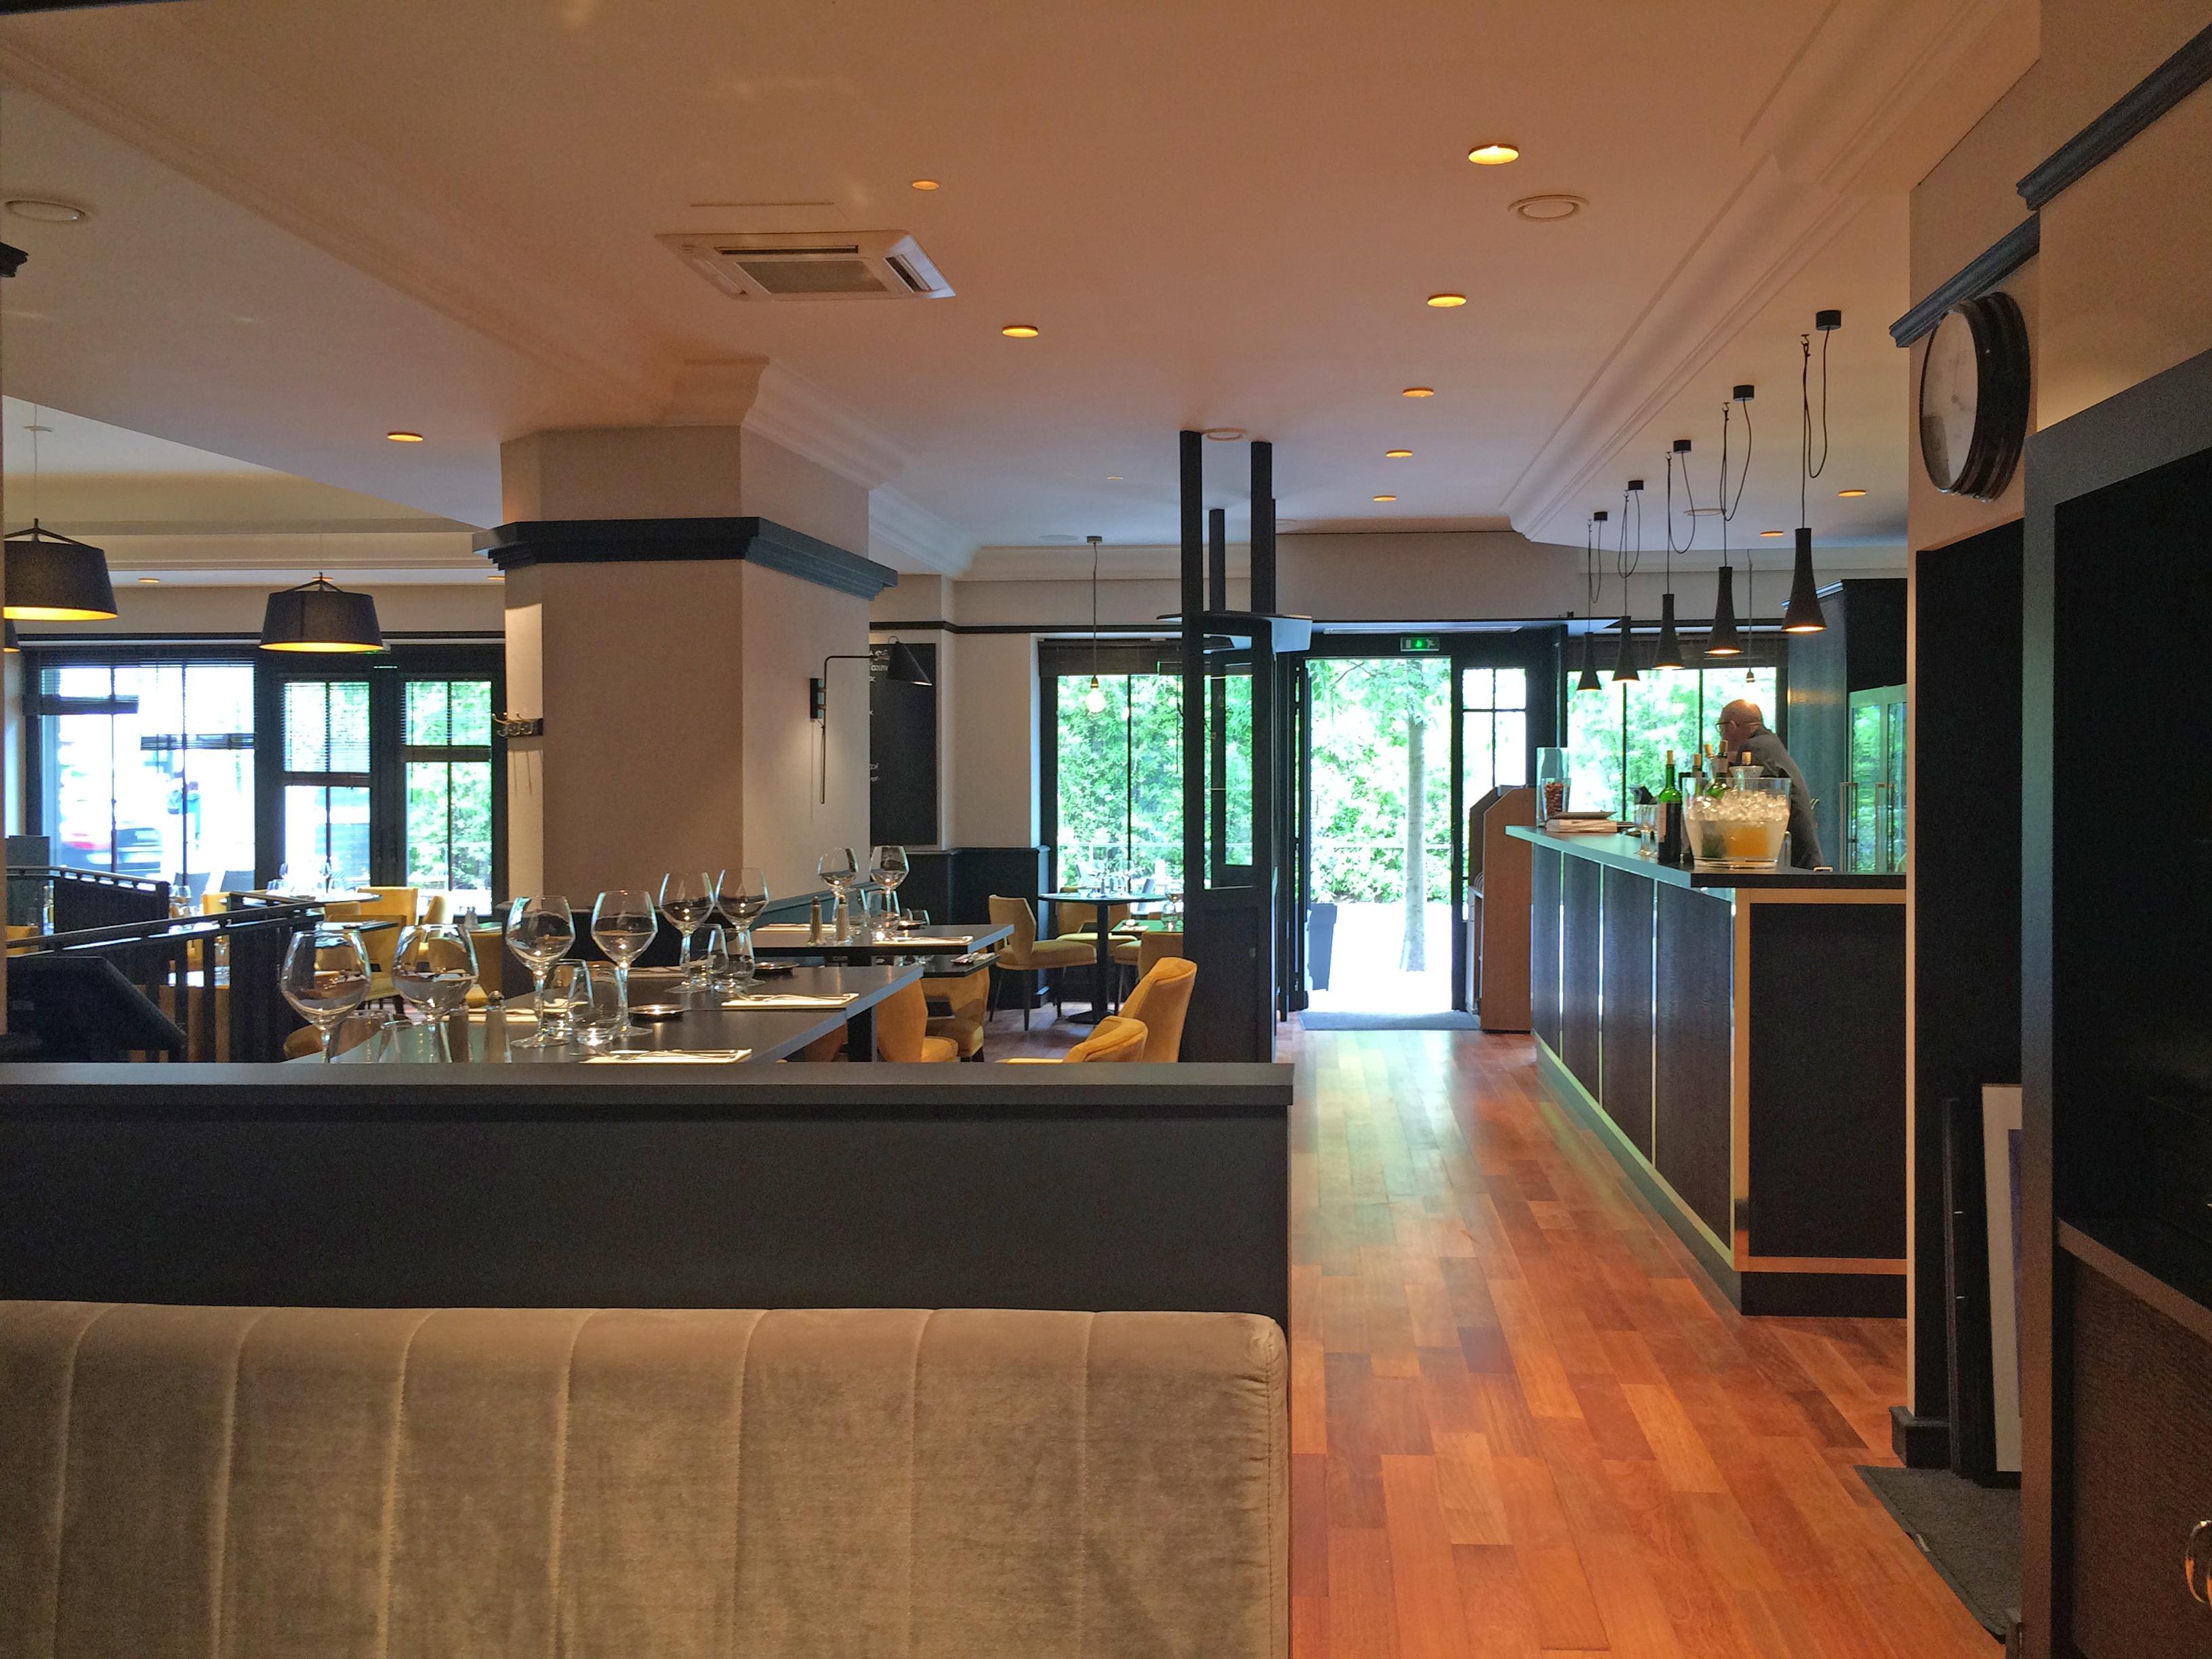 Architecte d'intérieur - Aménagement d'un restaurant - Angoulême